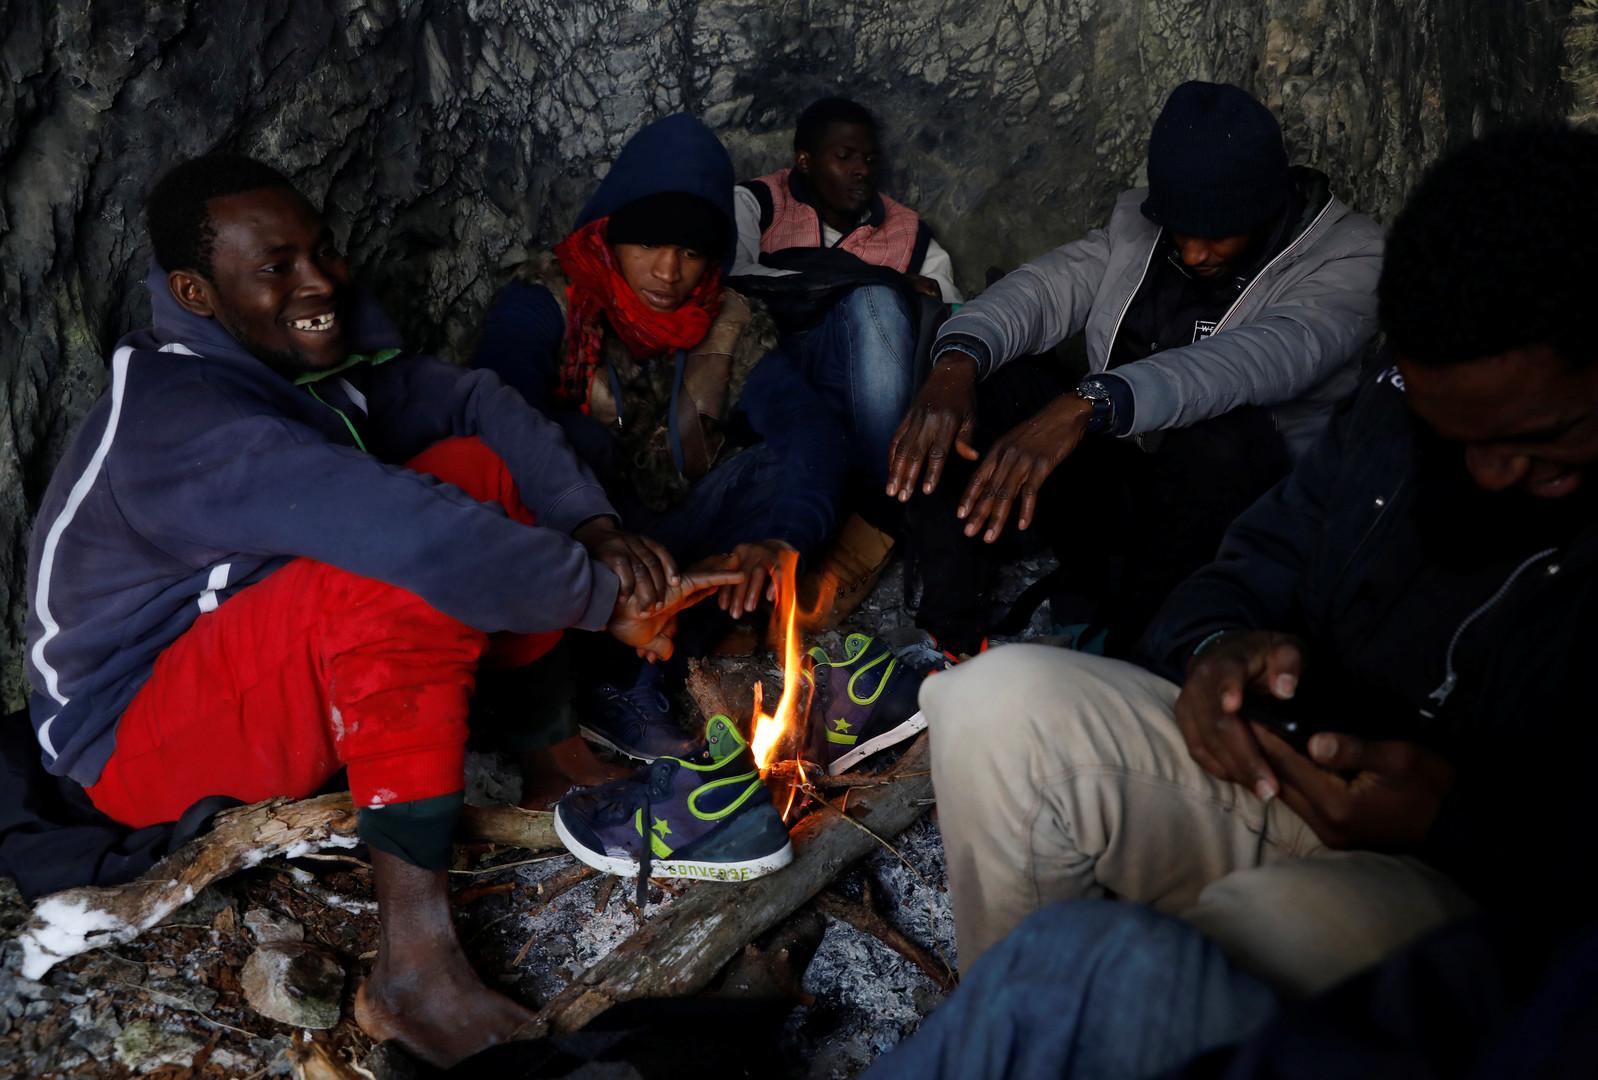 Kamarra (28 Jahre alt) Links im Bild aus Guinea, wärmt sich mit einer Gruppe von Flüchtlingen am Lagerfeuer, Nahe der Stadt Nevache, Frankreich, 21. Dezember 2017.